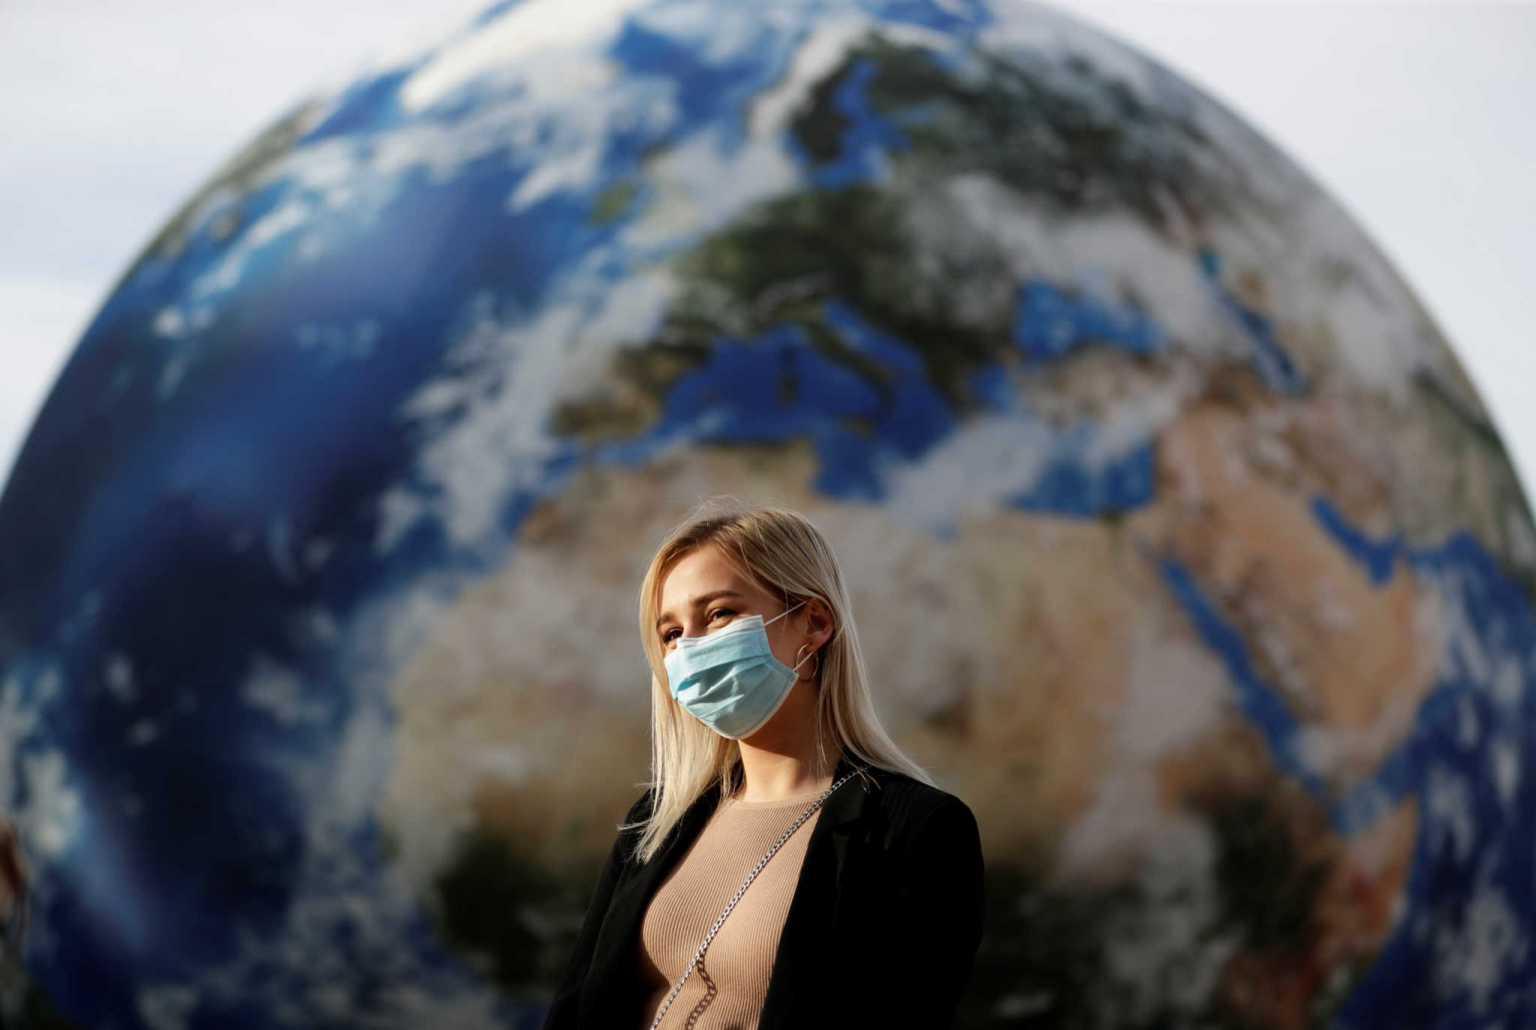 Κλιματική αλλαγή – «Καμπανάκι» από τους ειδικούς: Να λάβουμε μέτρα παρά την πανδημία του κορονοϊού